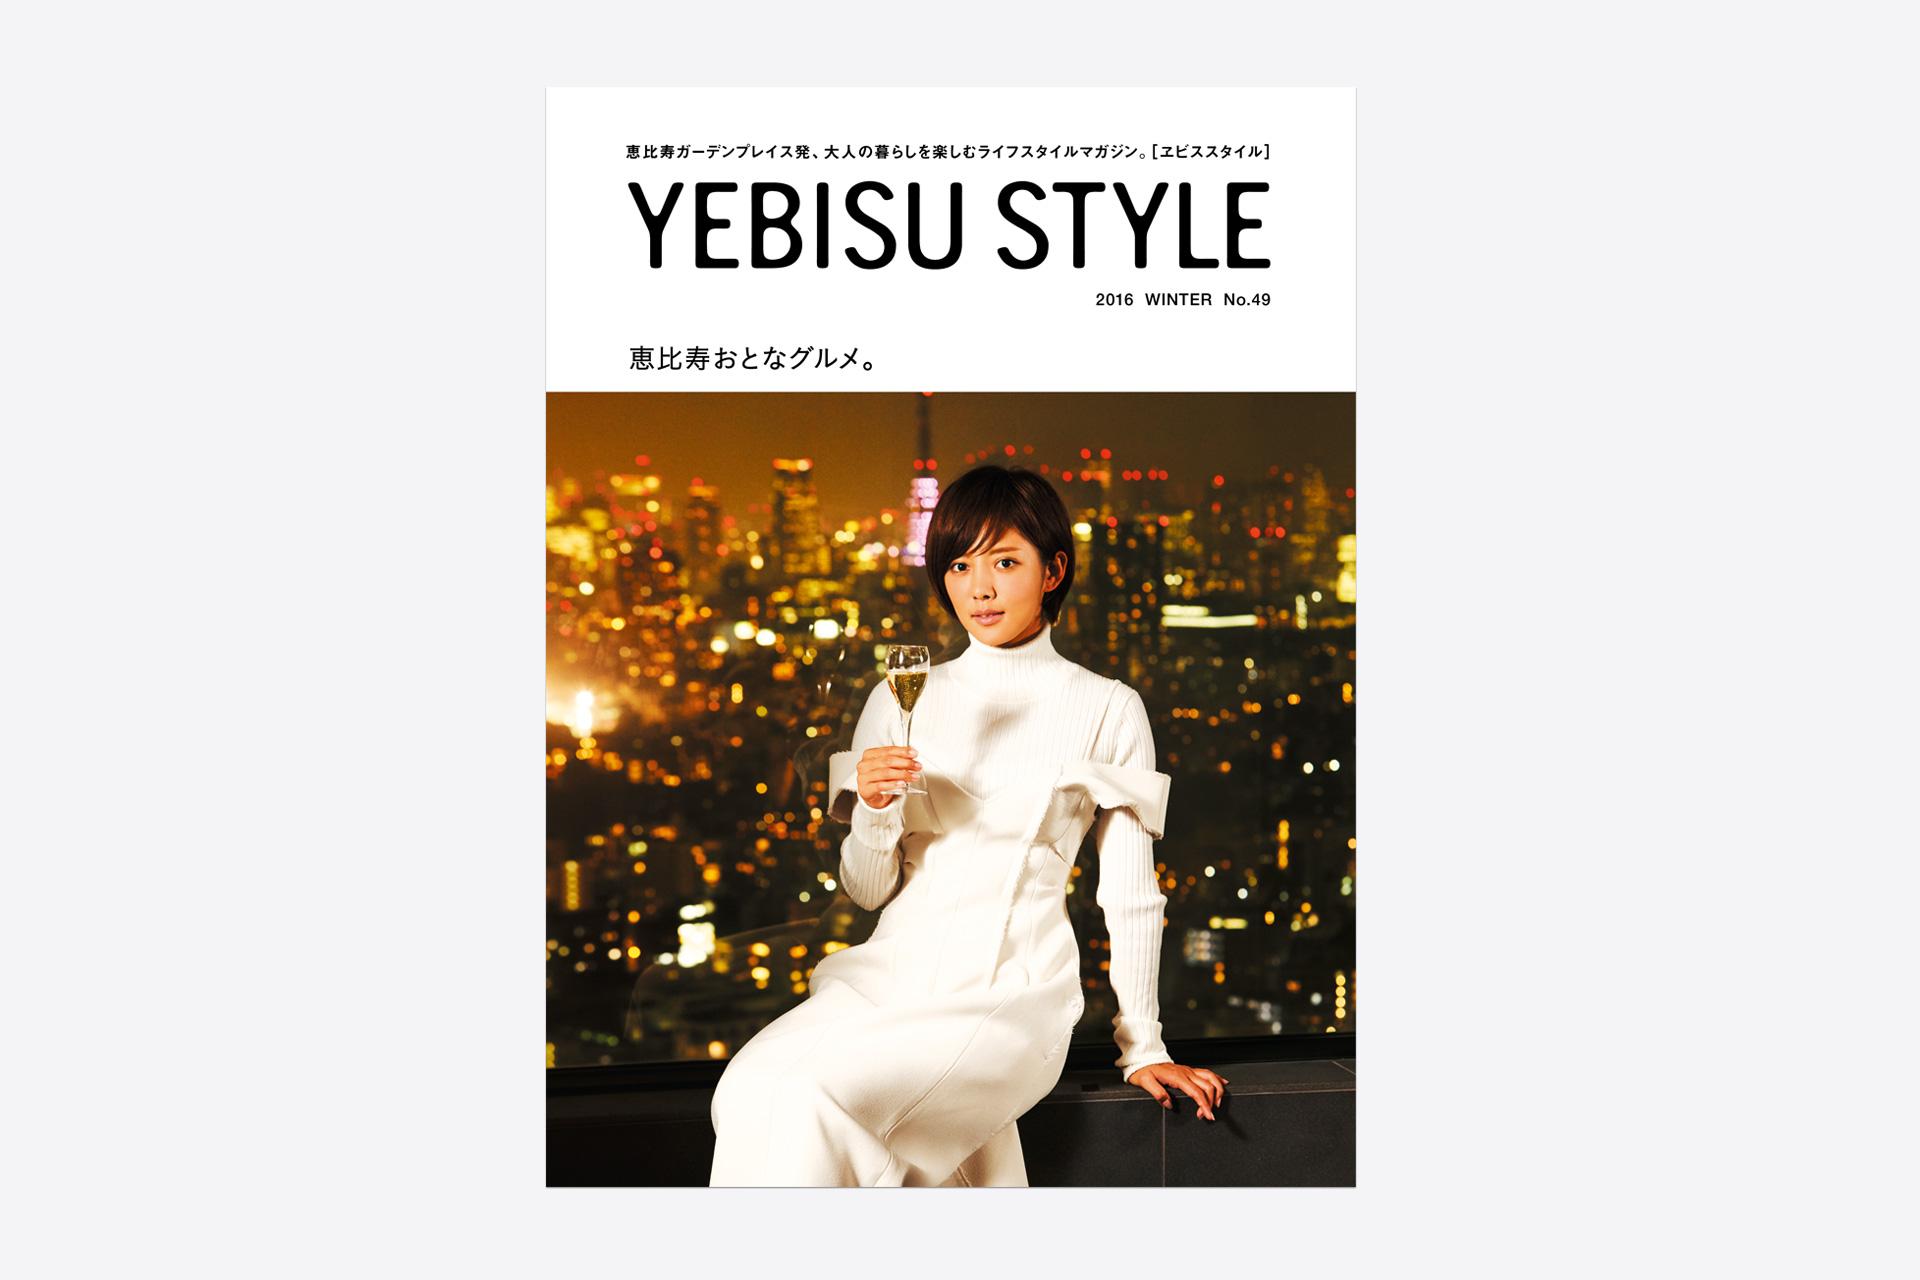 YEBISU STYLE vol.49